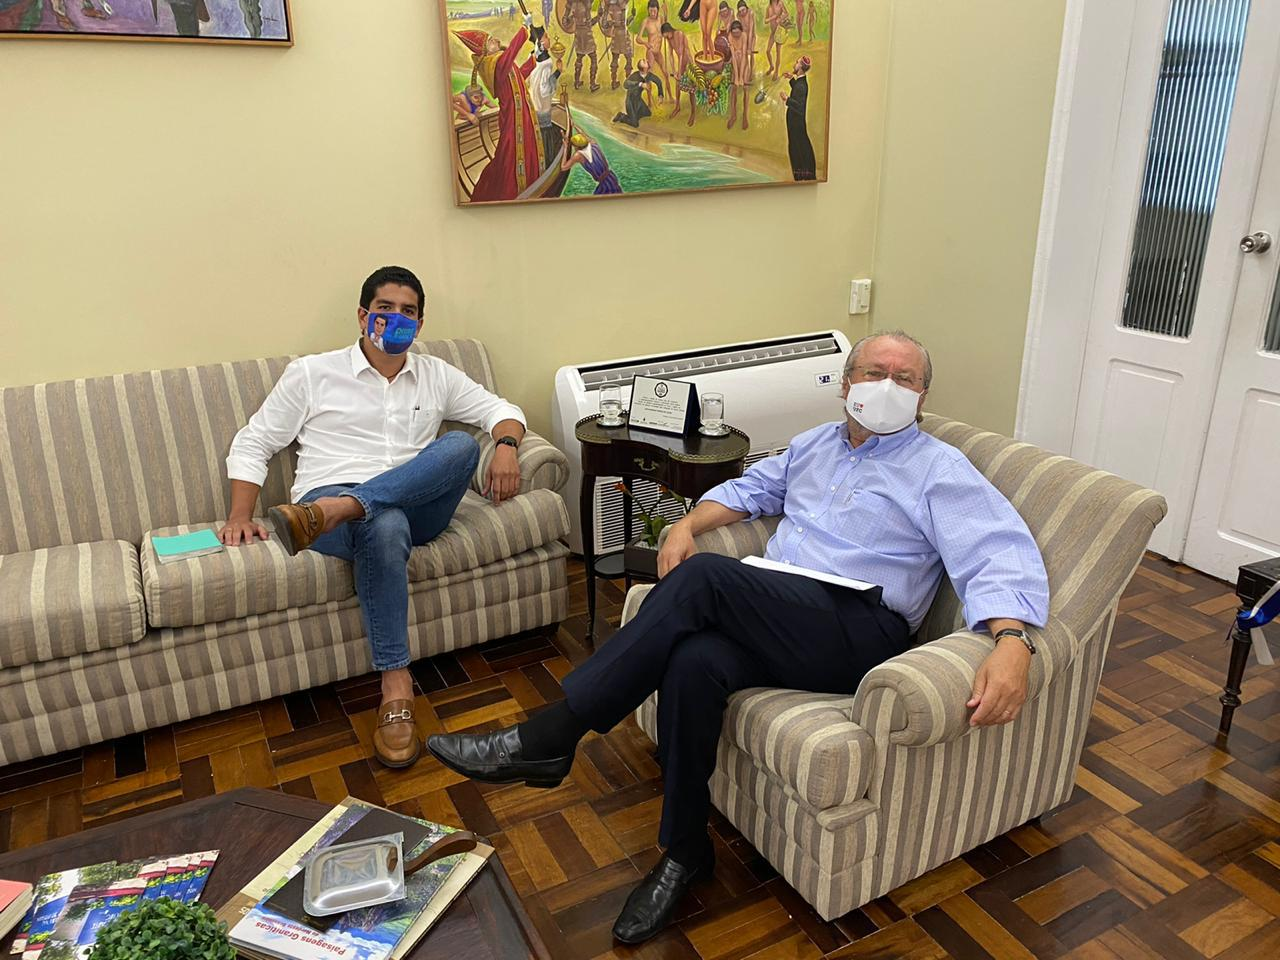 Durante encontro, Pedro França e Cândido Albuquerque falam sobre incentivo ao empreendedorismo local